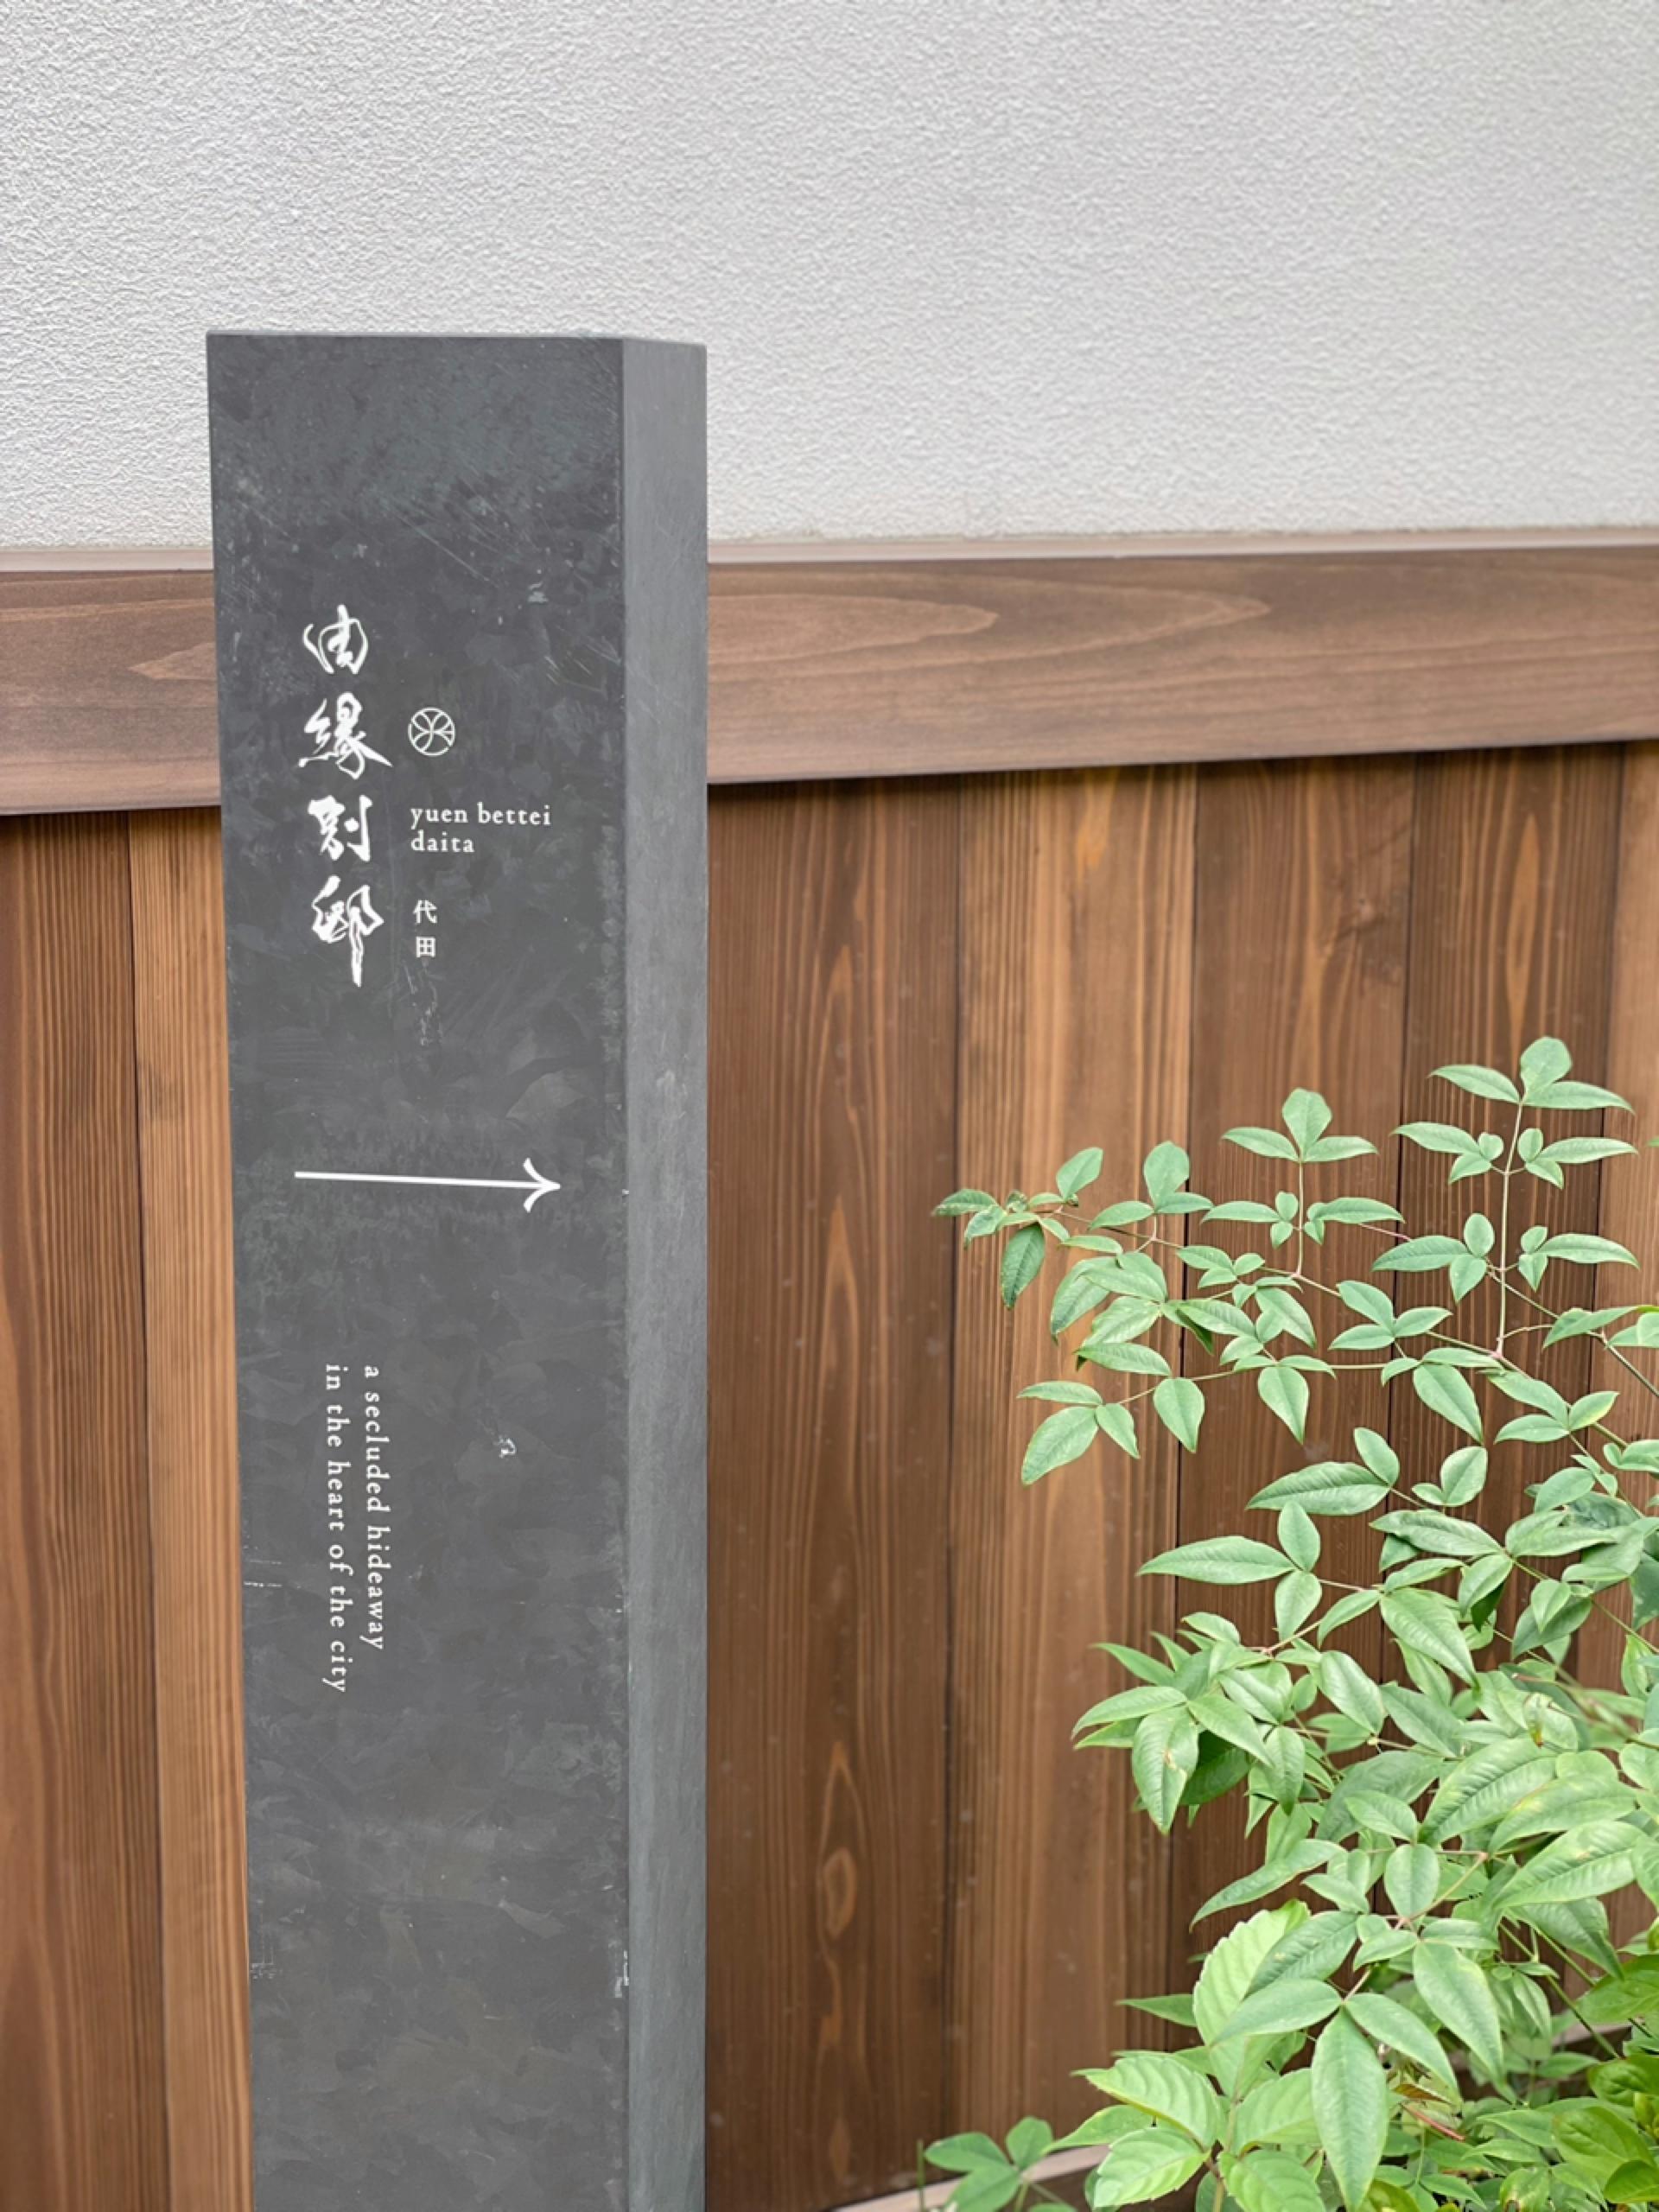 都内で楽しめる温泉、由縁別邸代田_1_1-3